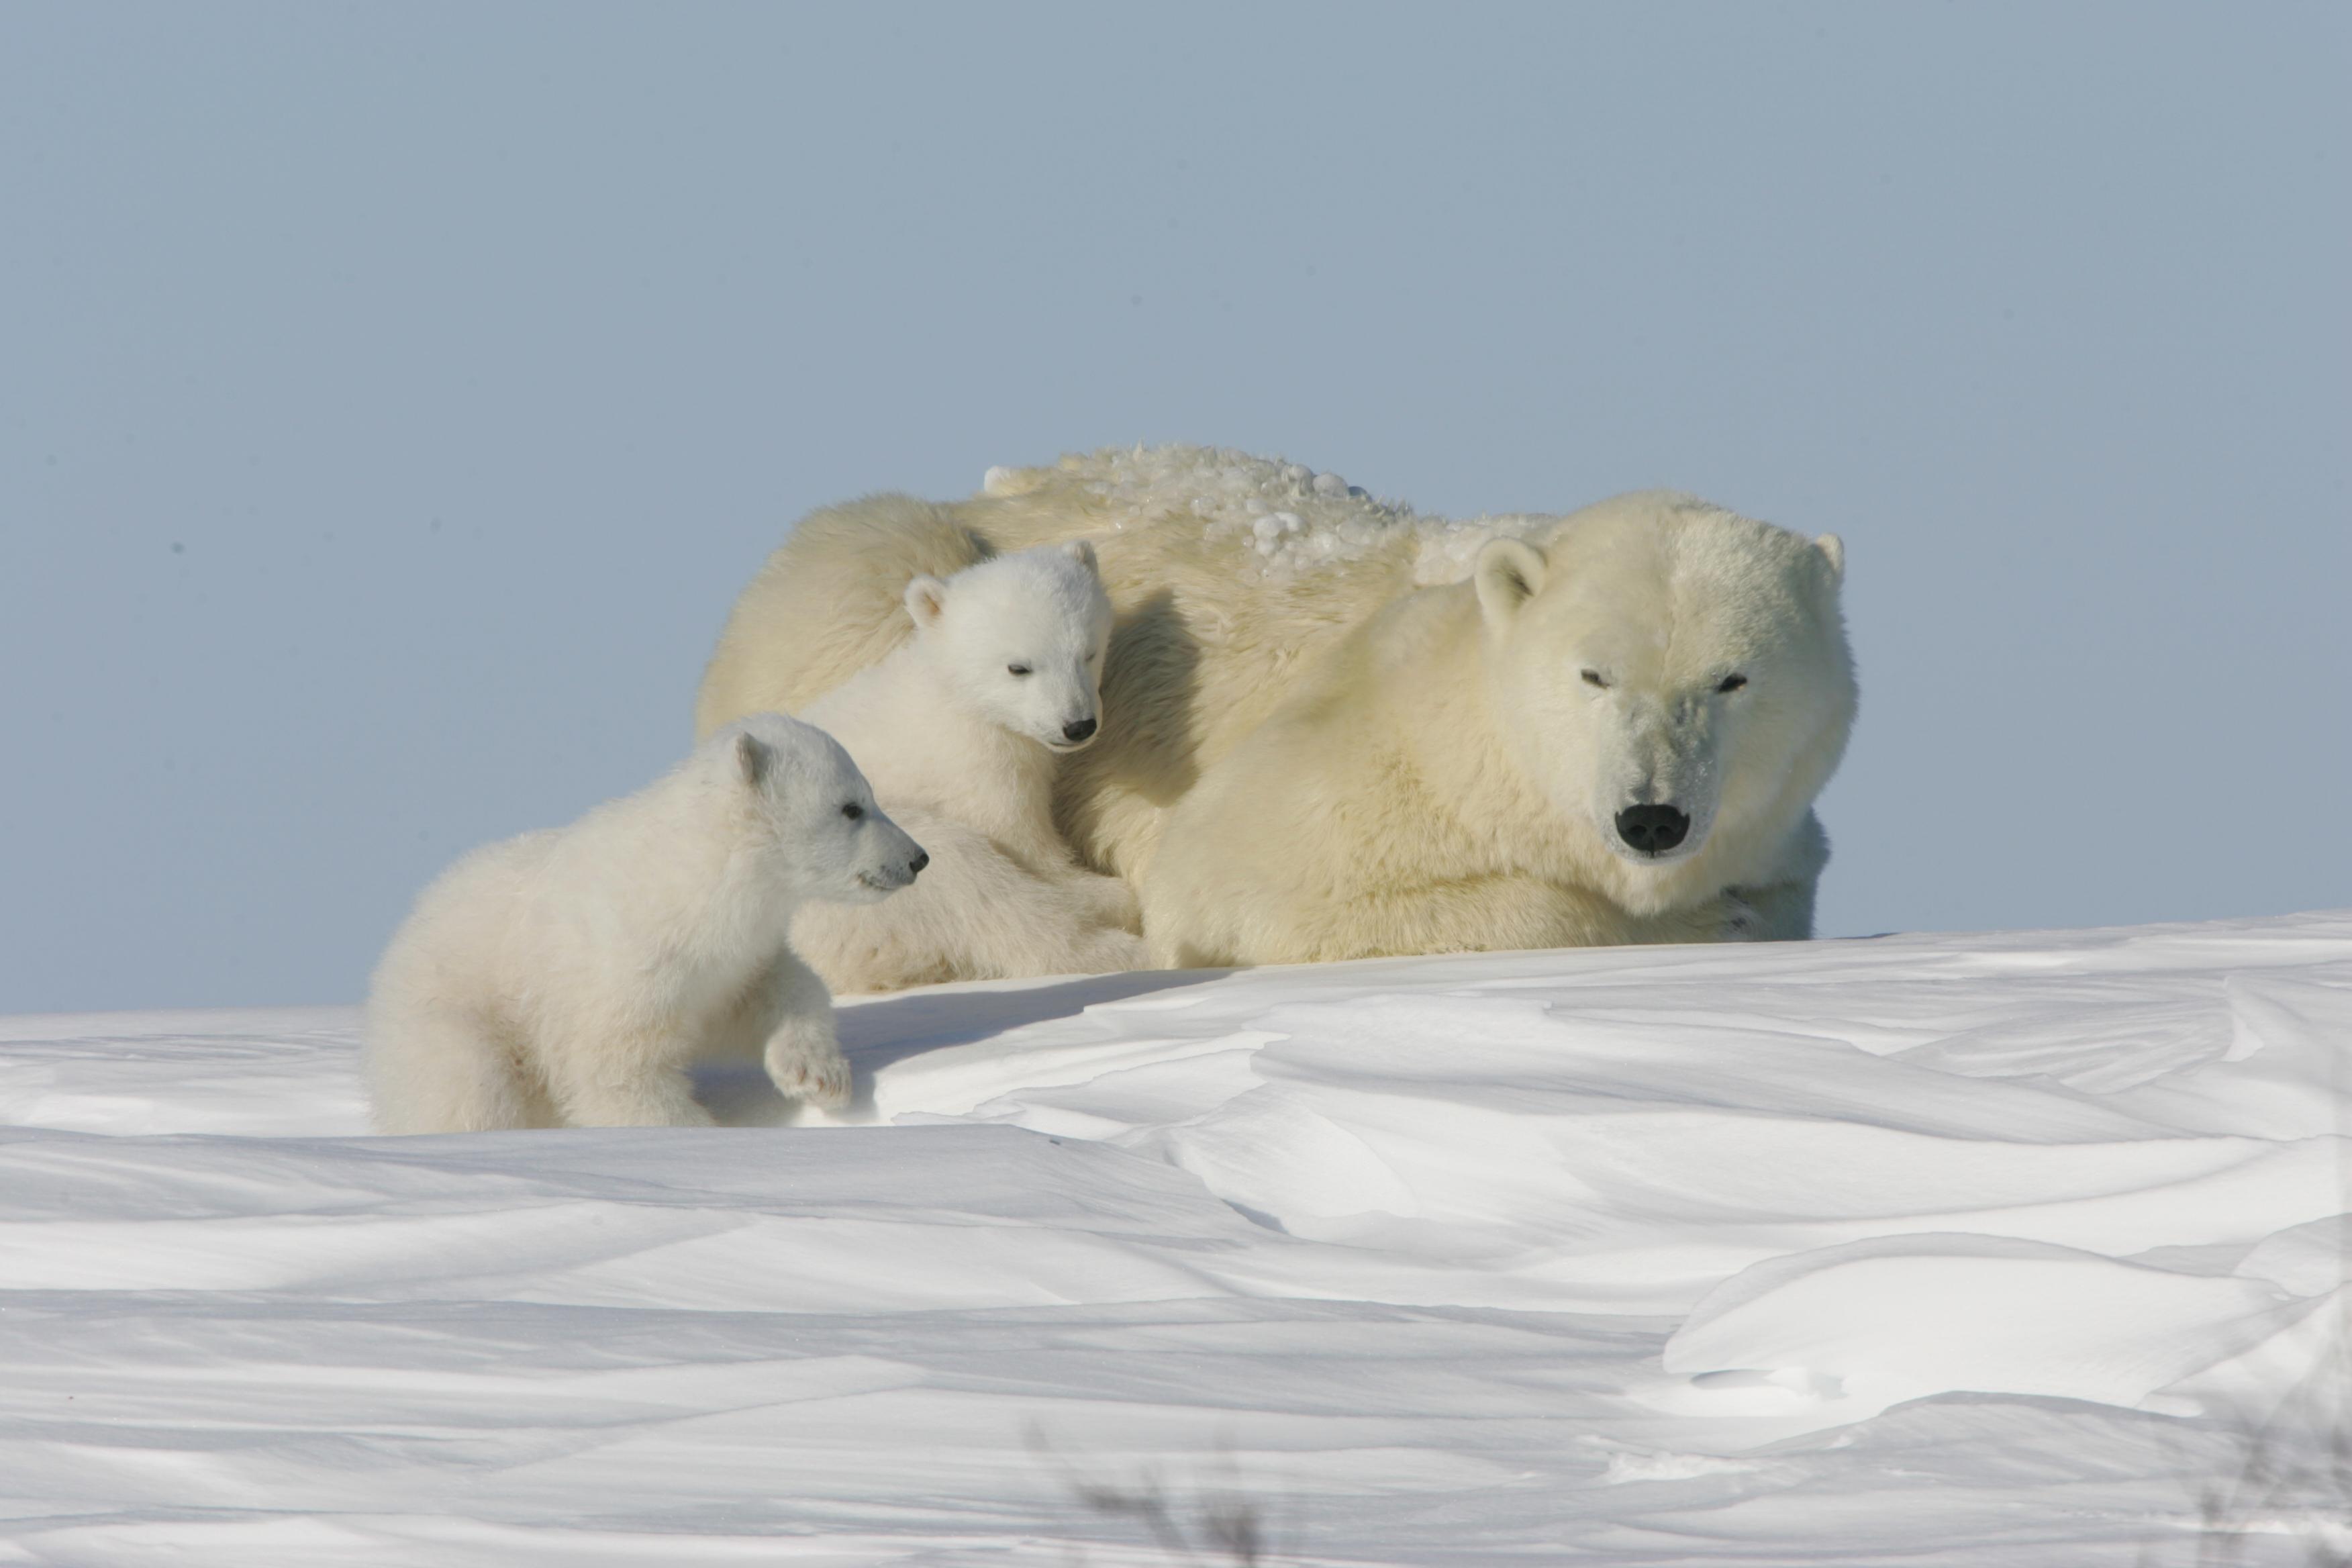 Al via spedizione wwf per studiare orsi polari wwf italy - Orsi polari pagine da colorare ...